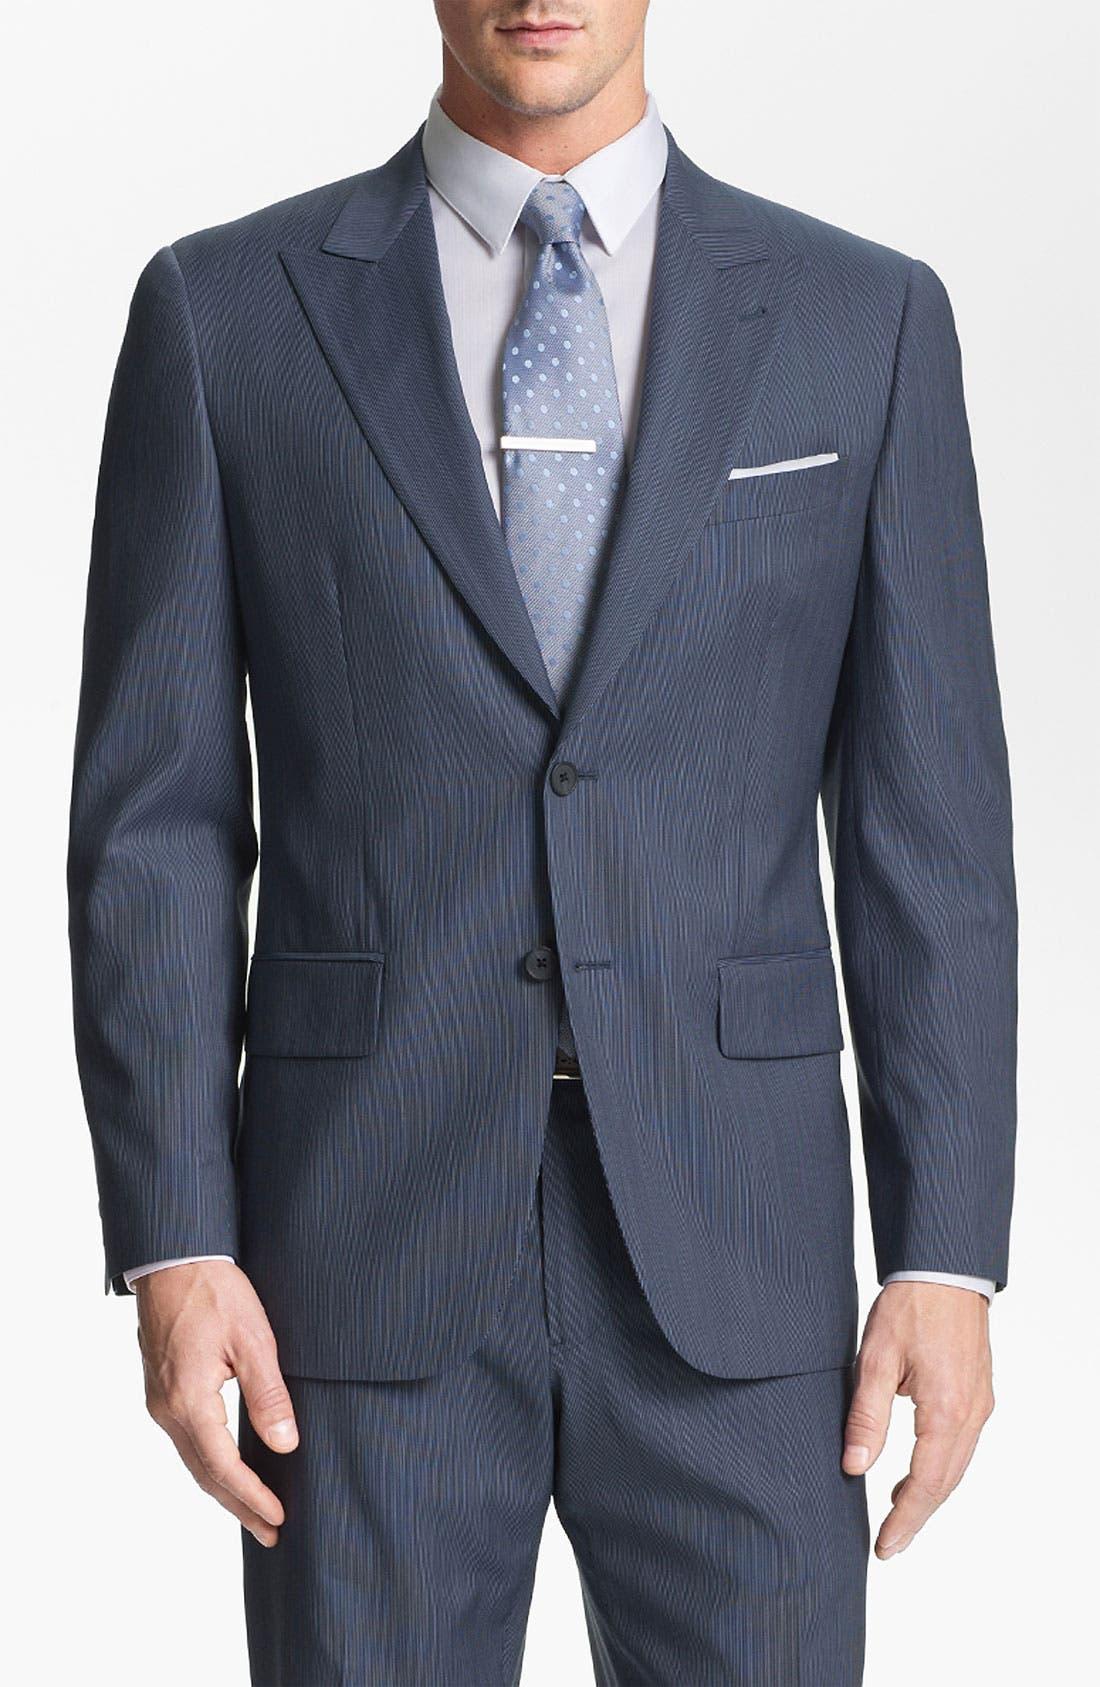 Main Image - Joseph Abboud 'Profile' Trim Fit Stripe Wool Suit